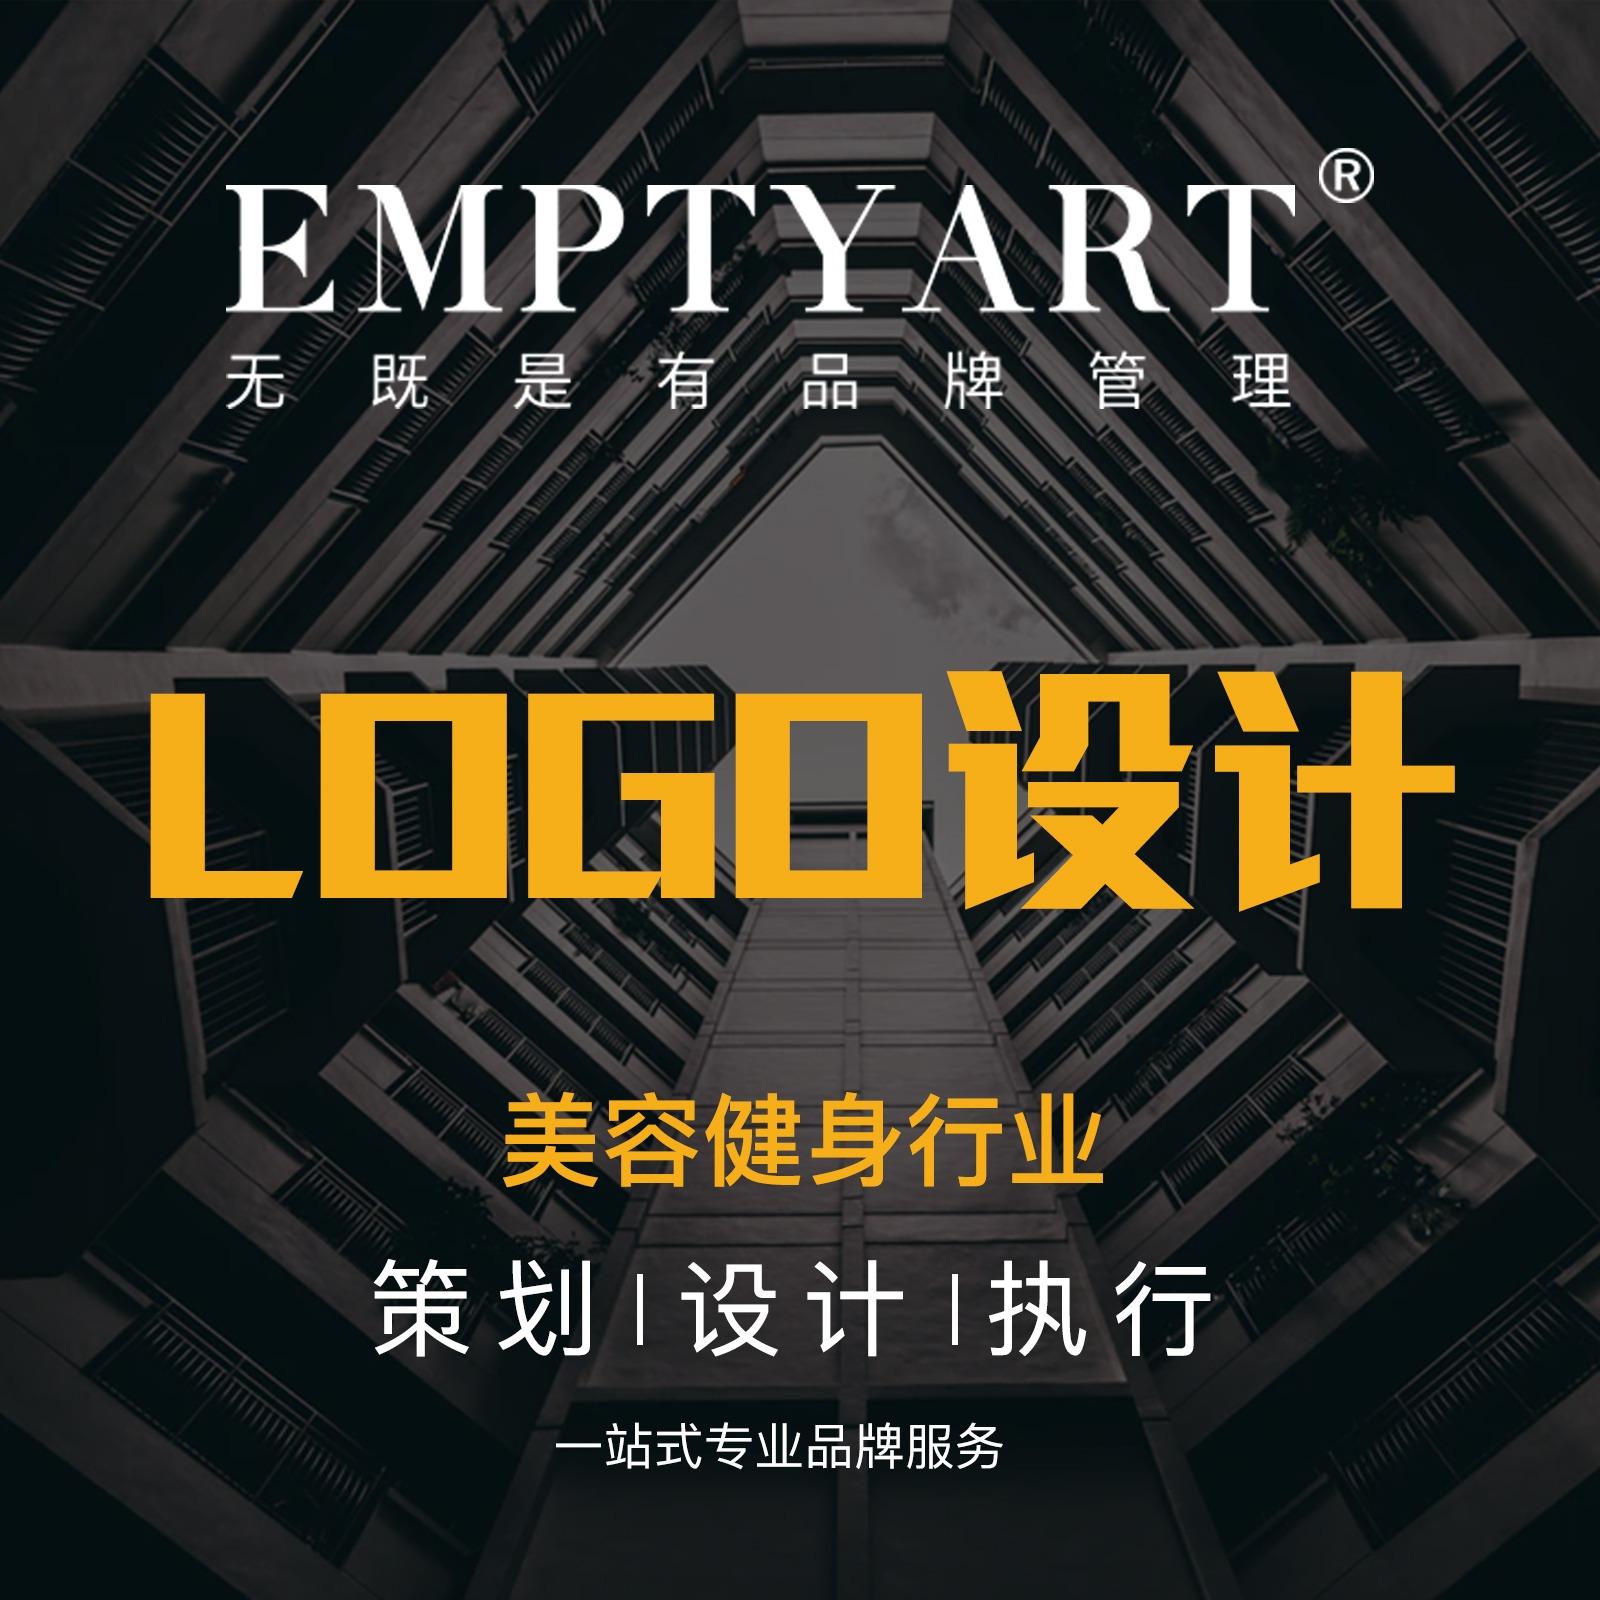 美容健身行业品牌<hl>logo设计</hl>原创标志商标<hl>LOGO</hl>图标